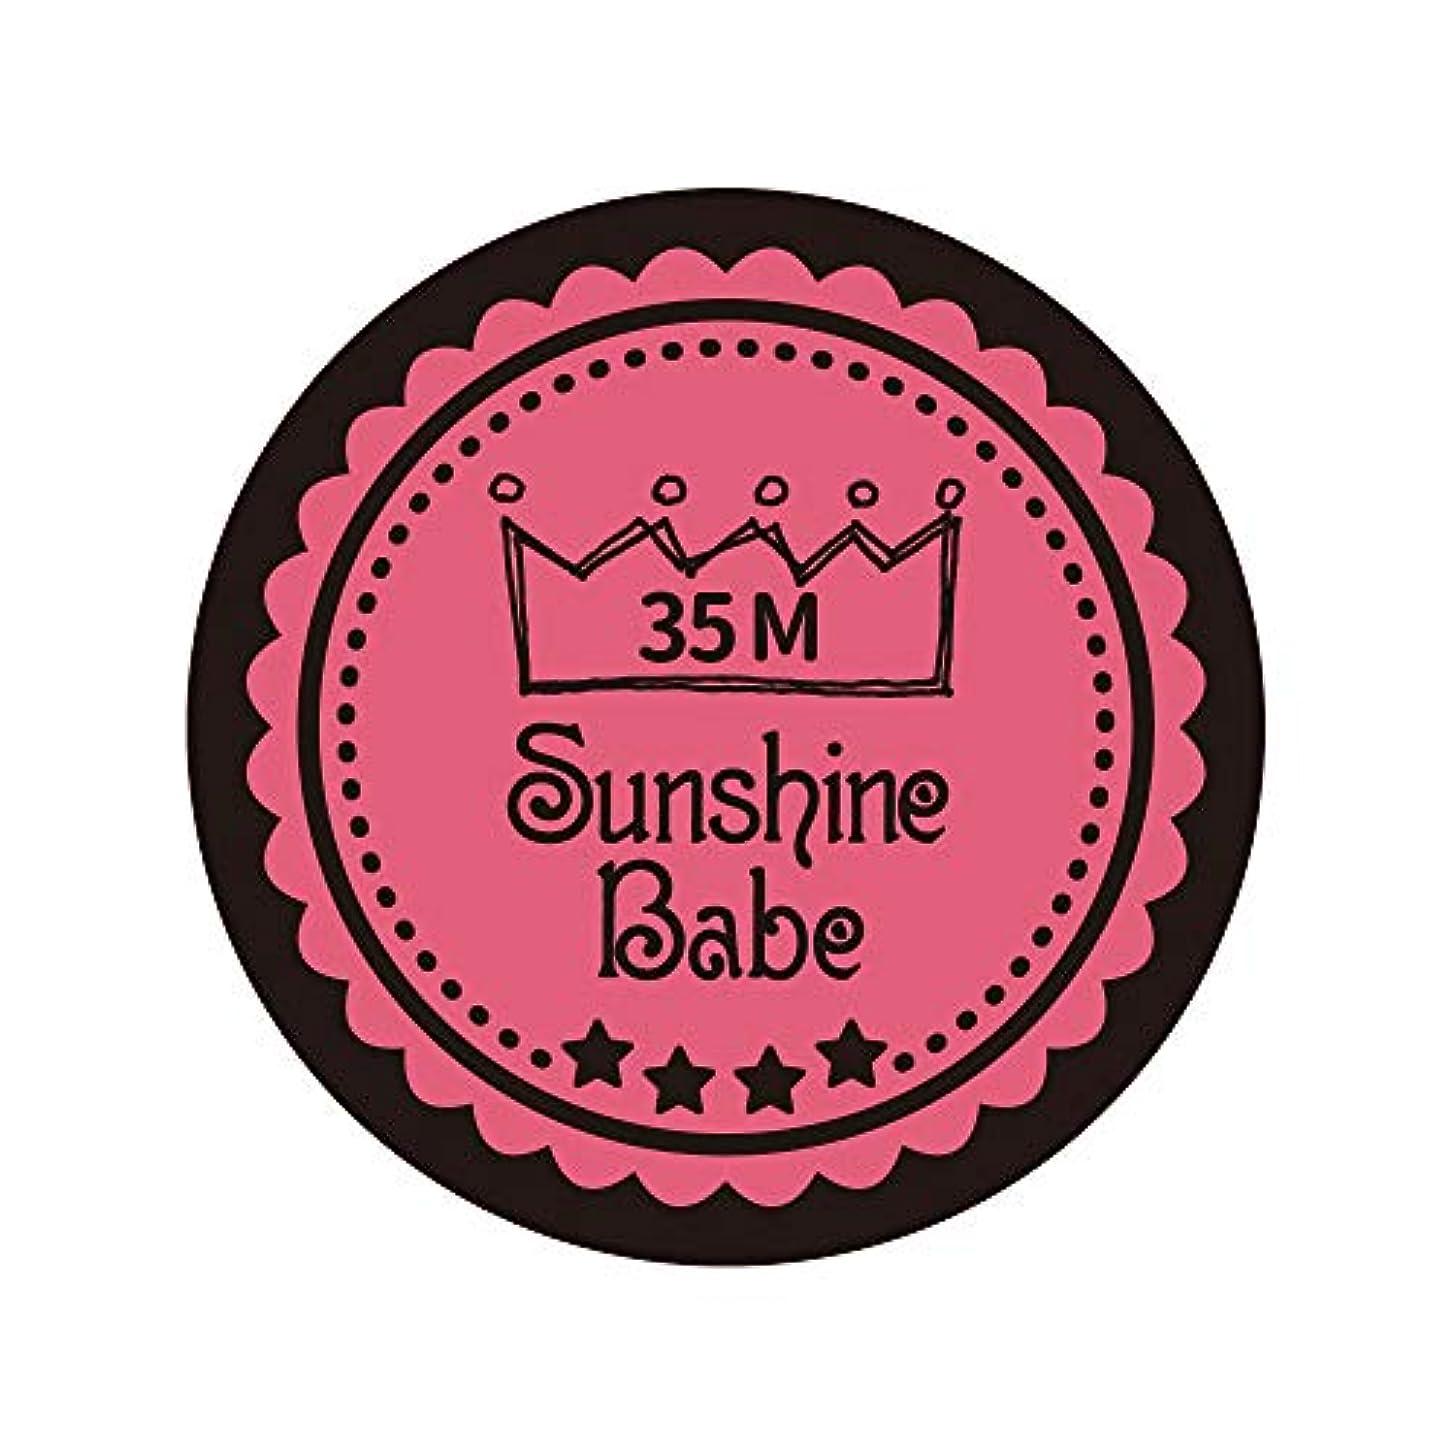 傀儡大学生ホイストSunshine Babe カラージェル 35M ローズピンク 4g UV/LED対応